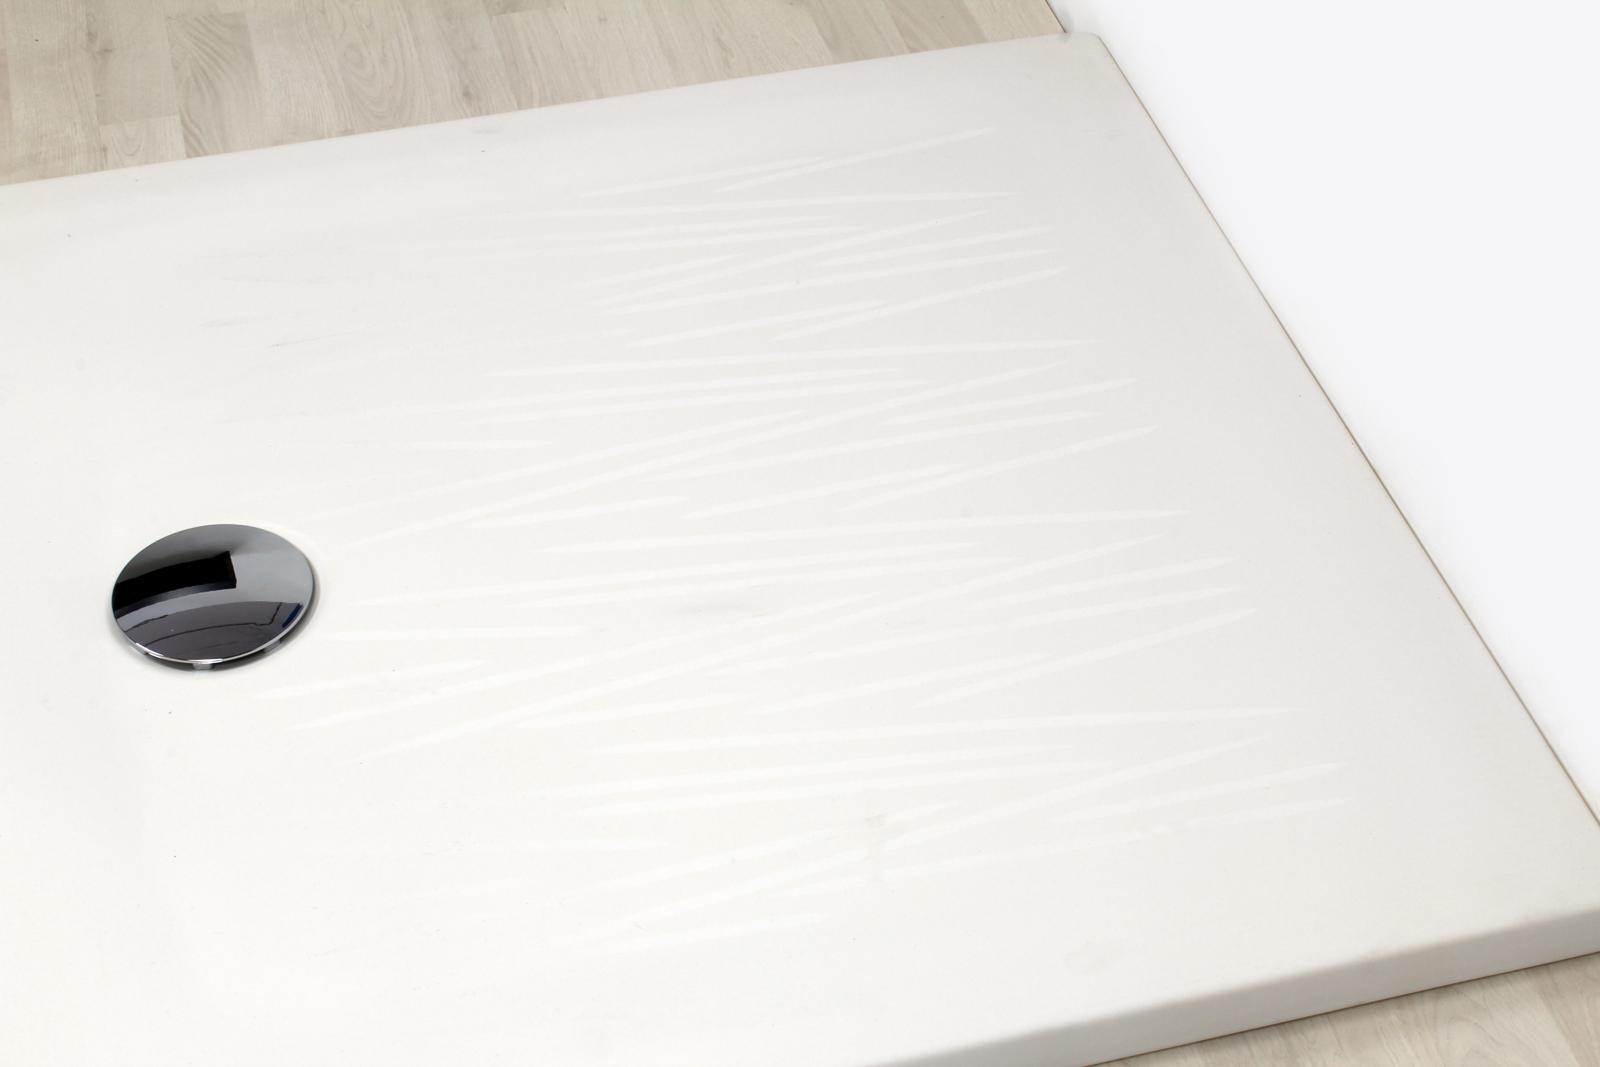 Piatto doccia angolare 90x90 bianco opaco